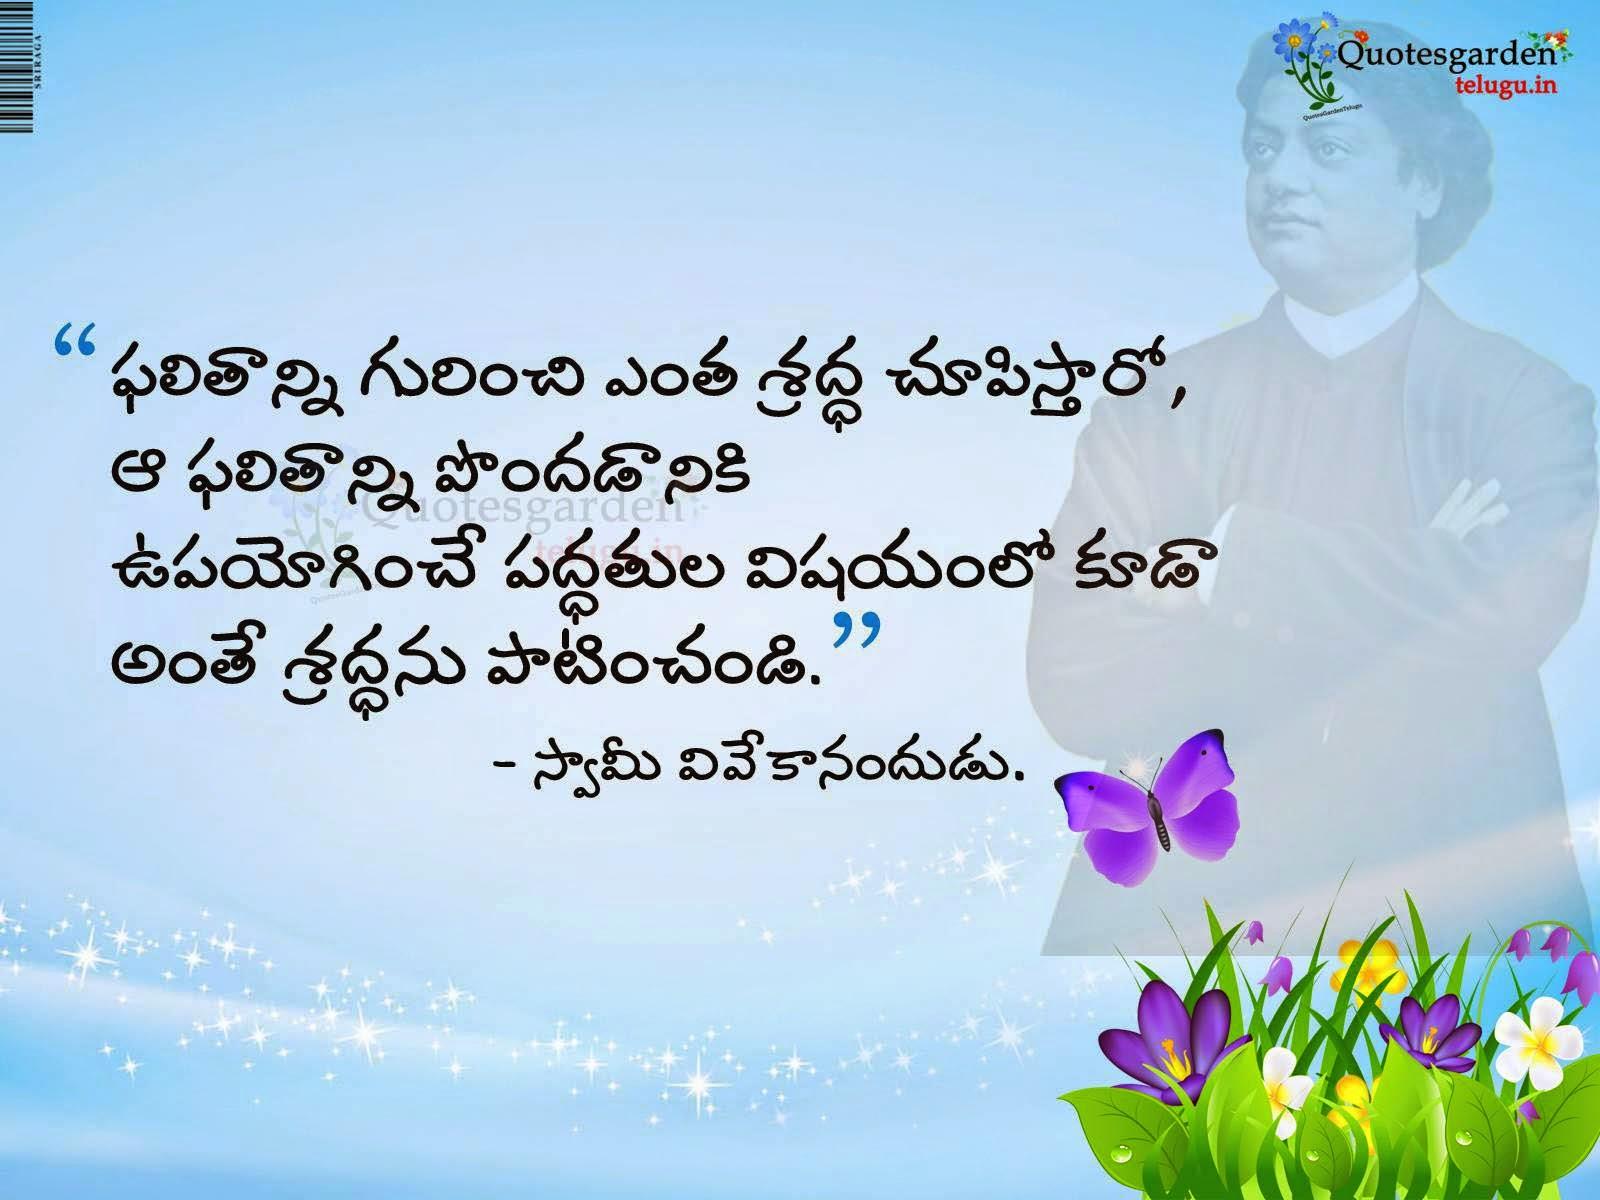 vivekananda inspirational quotes best telugu quotes